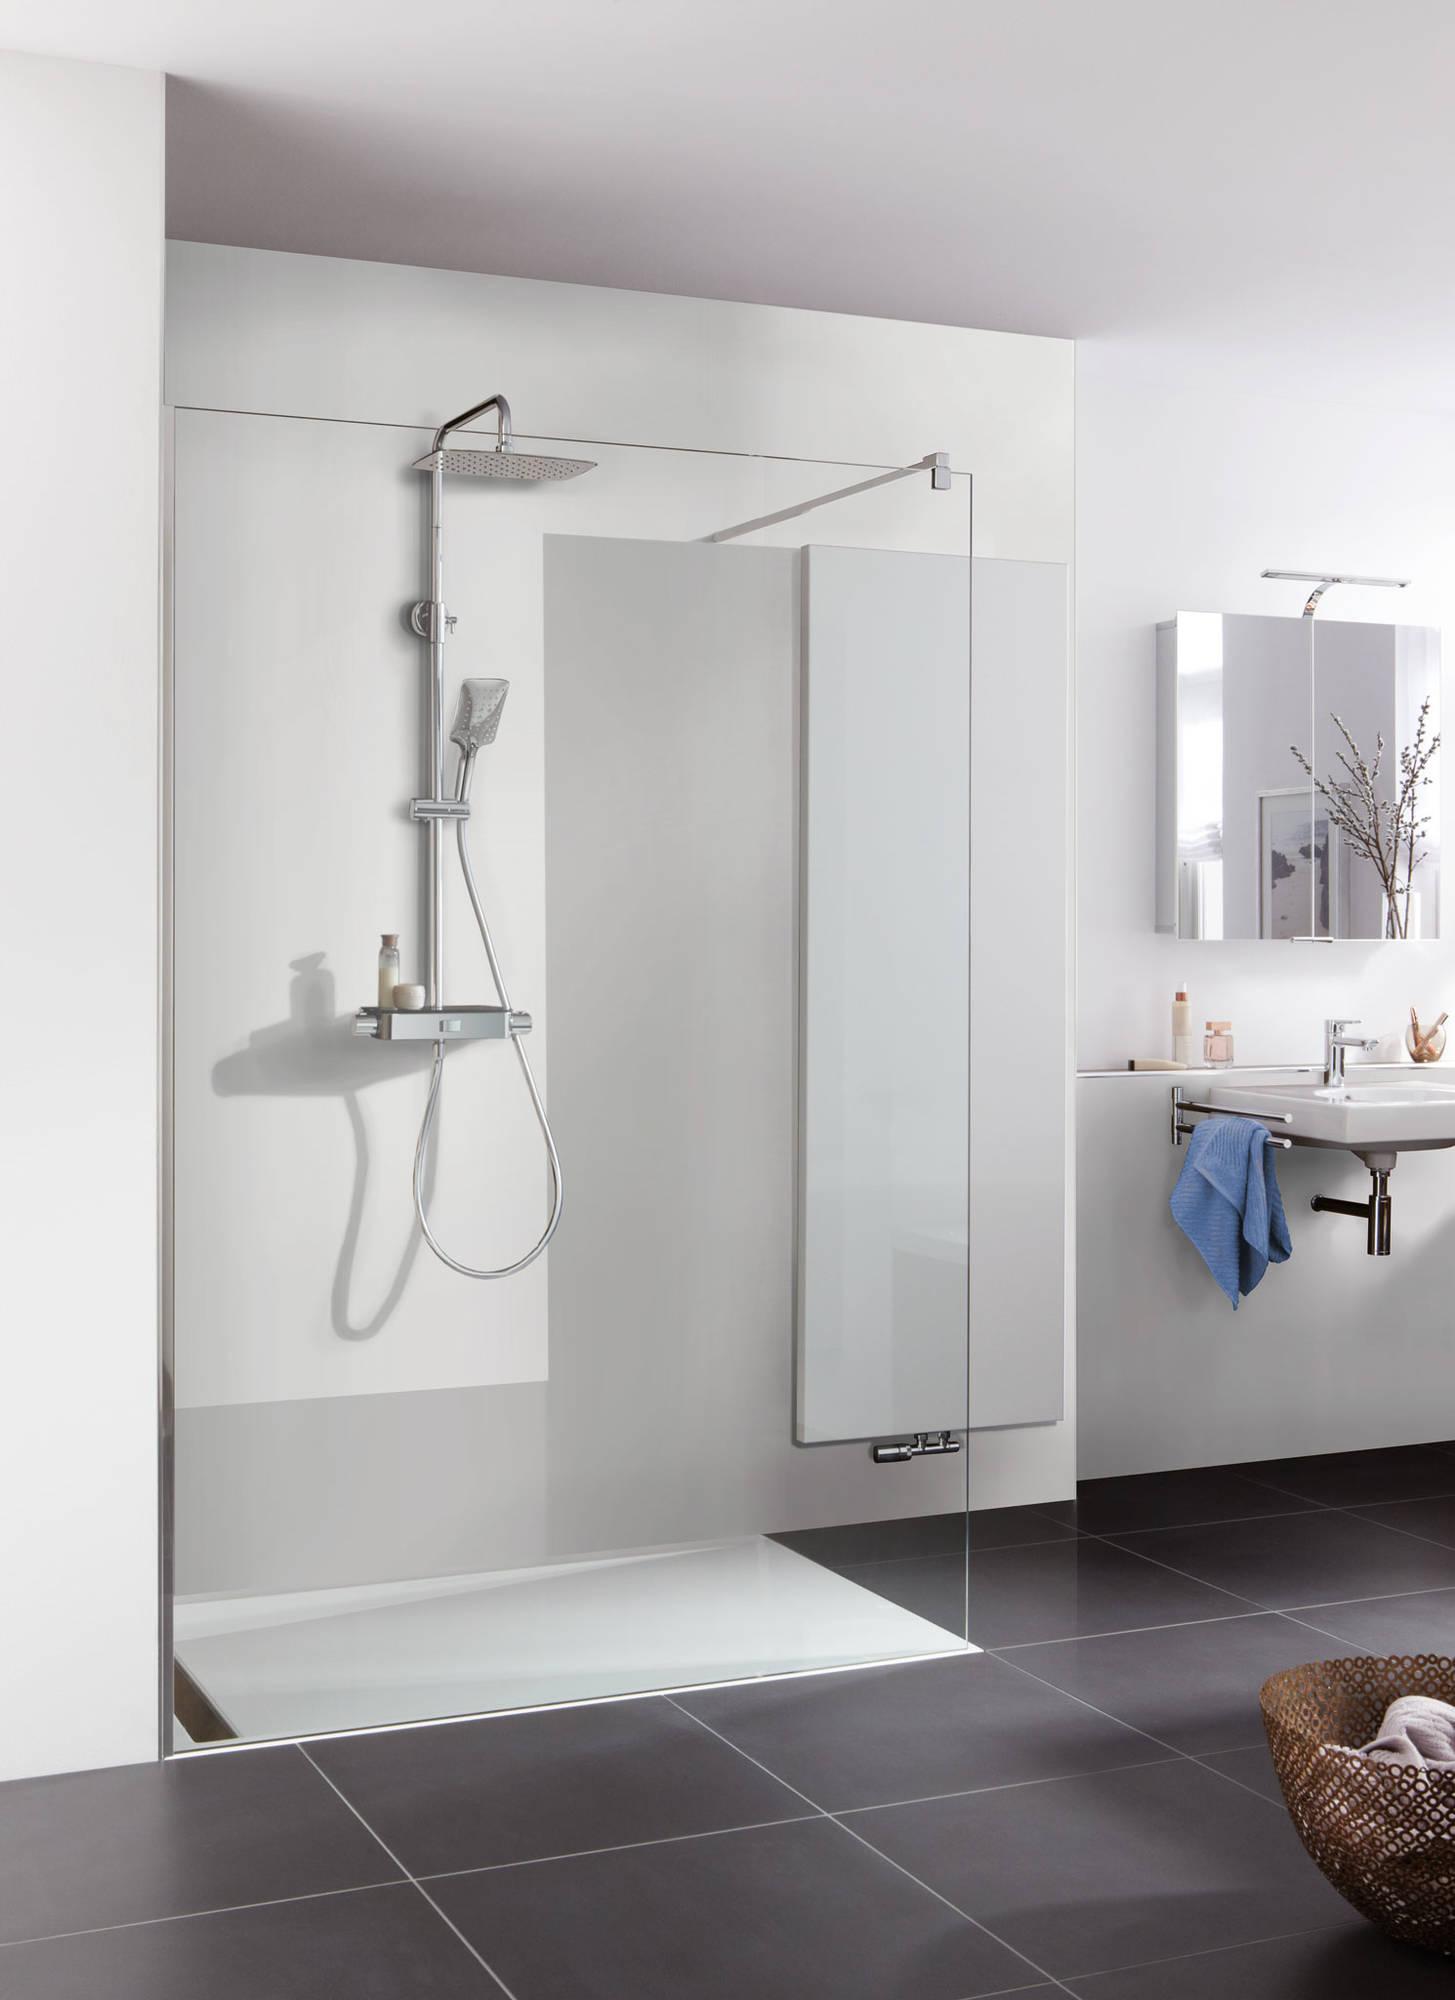 Duschprofi RenoDeco paneel Alu 150x255 cm natuursteen stucwerk-wit